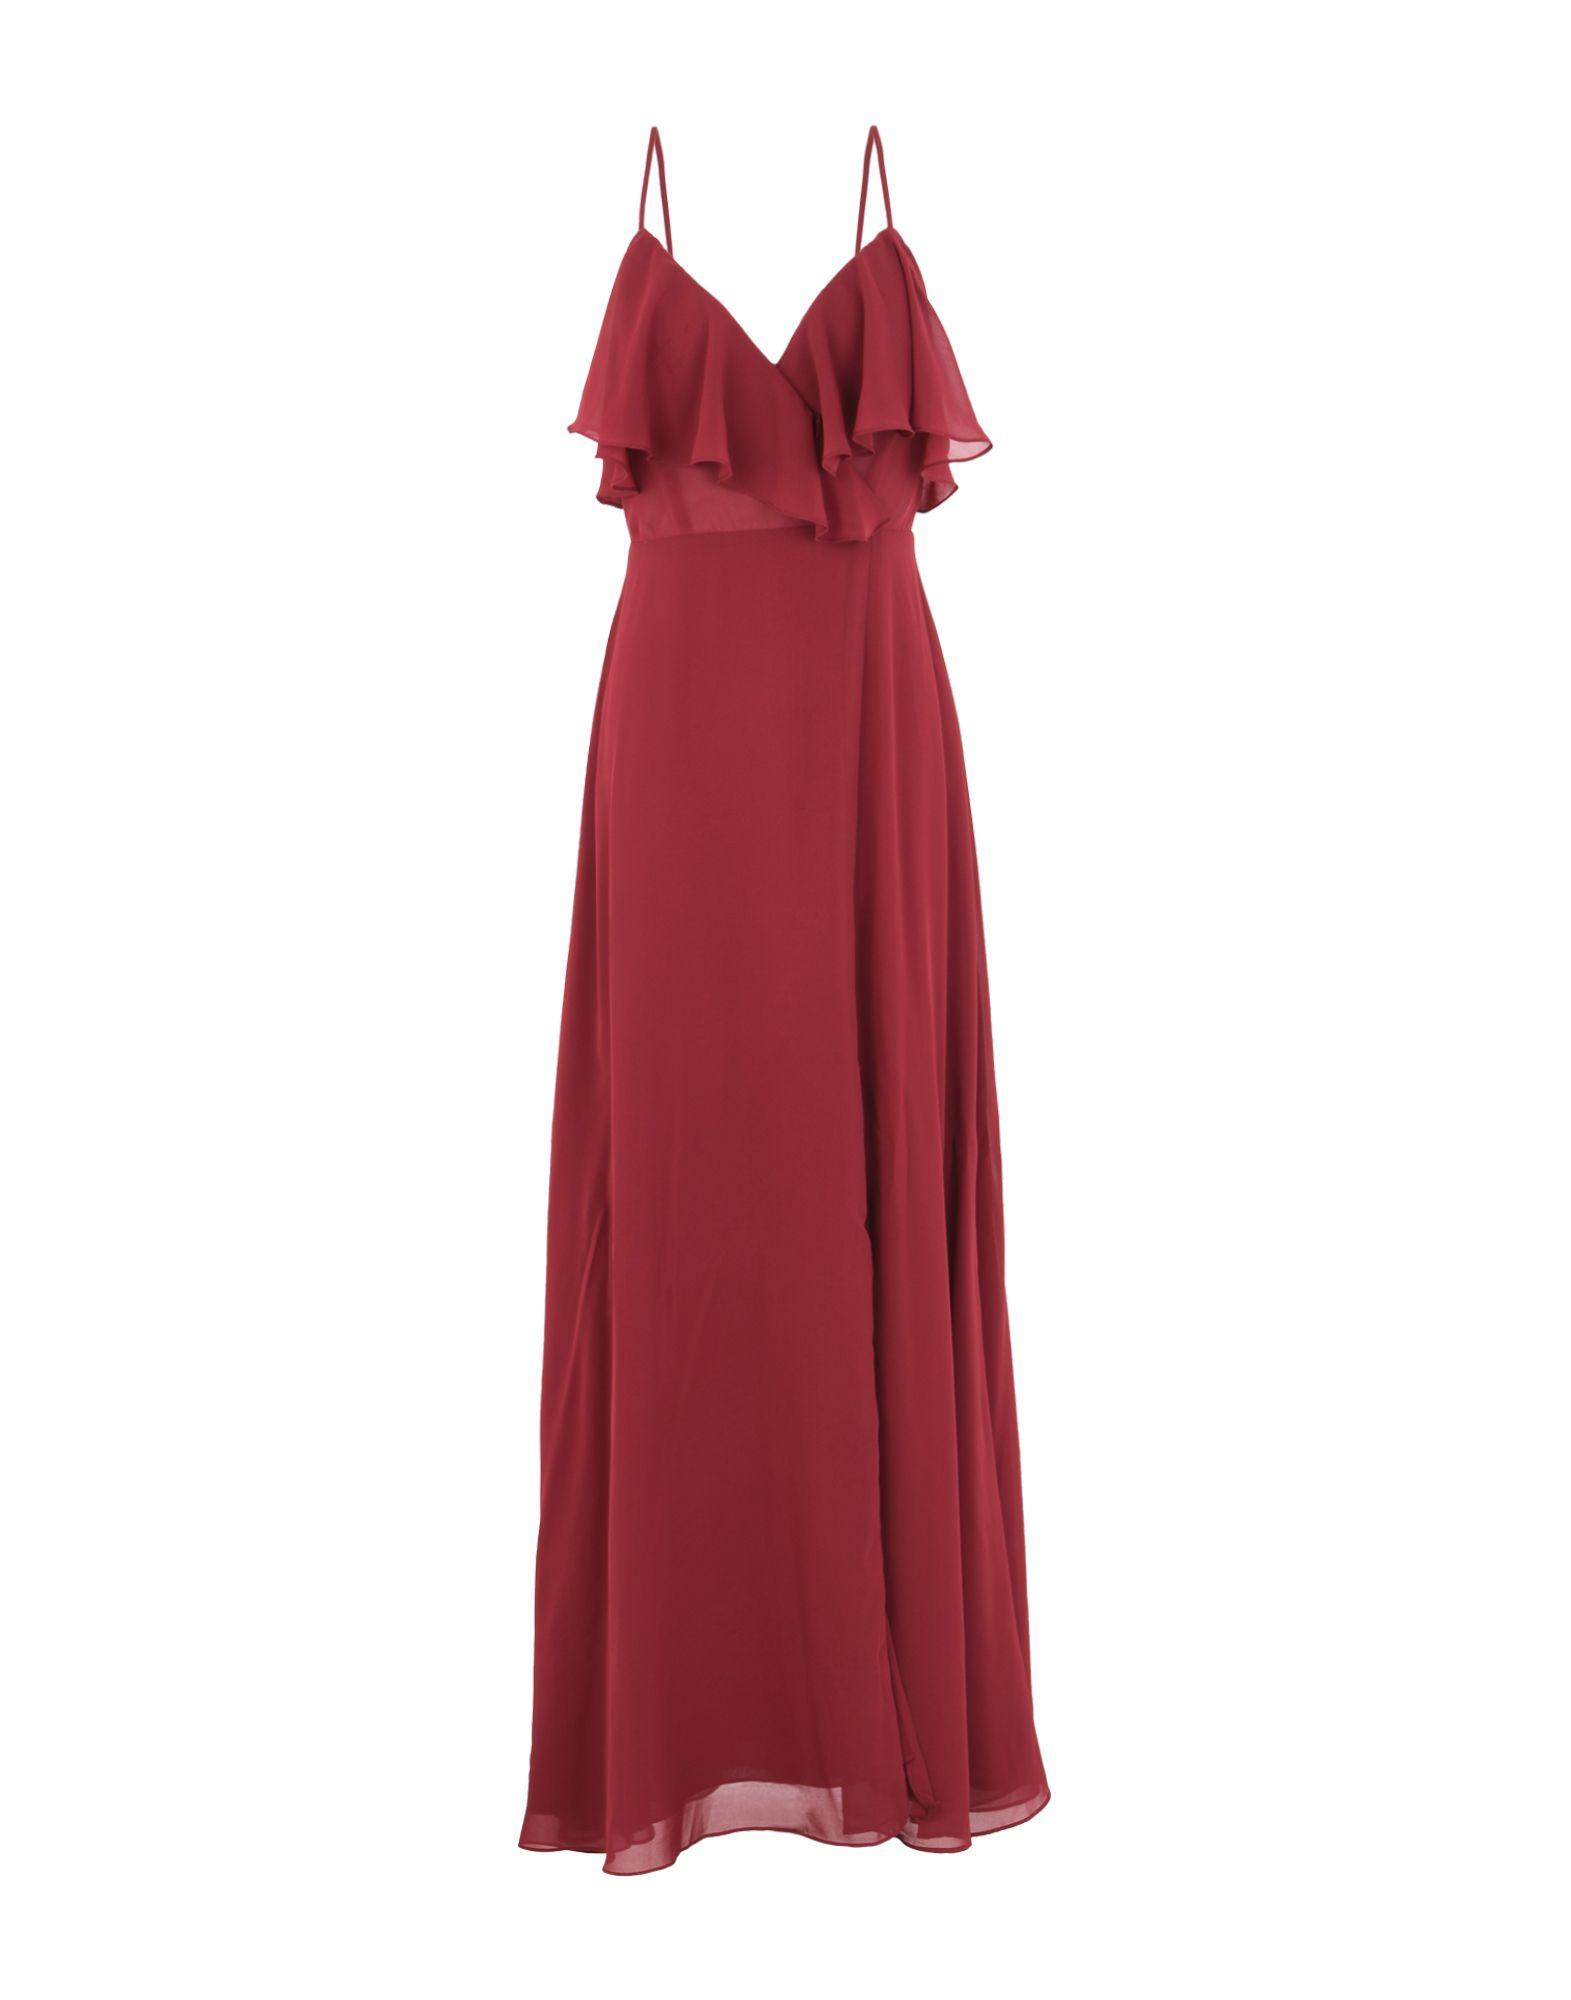 TD TRUE DECADENCE Длинное платье платье короткое спереди длинное сзади летнее